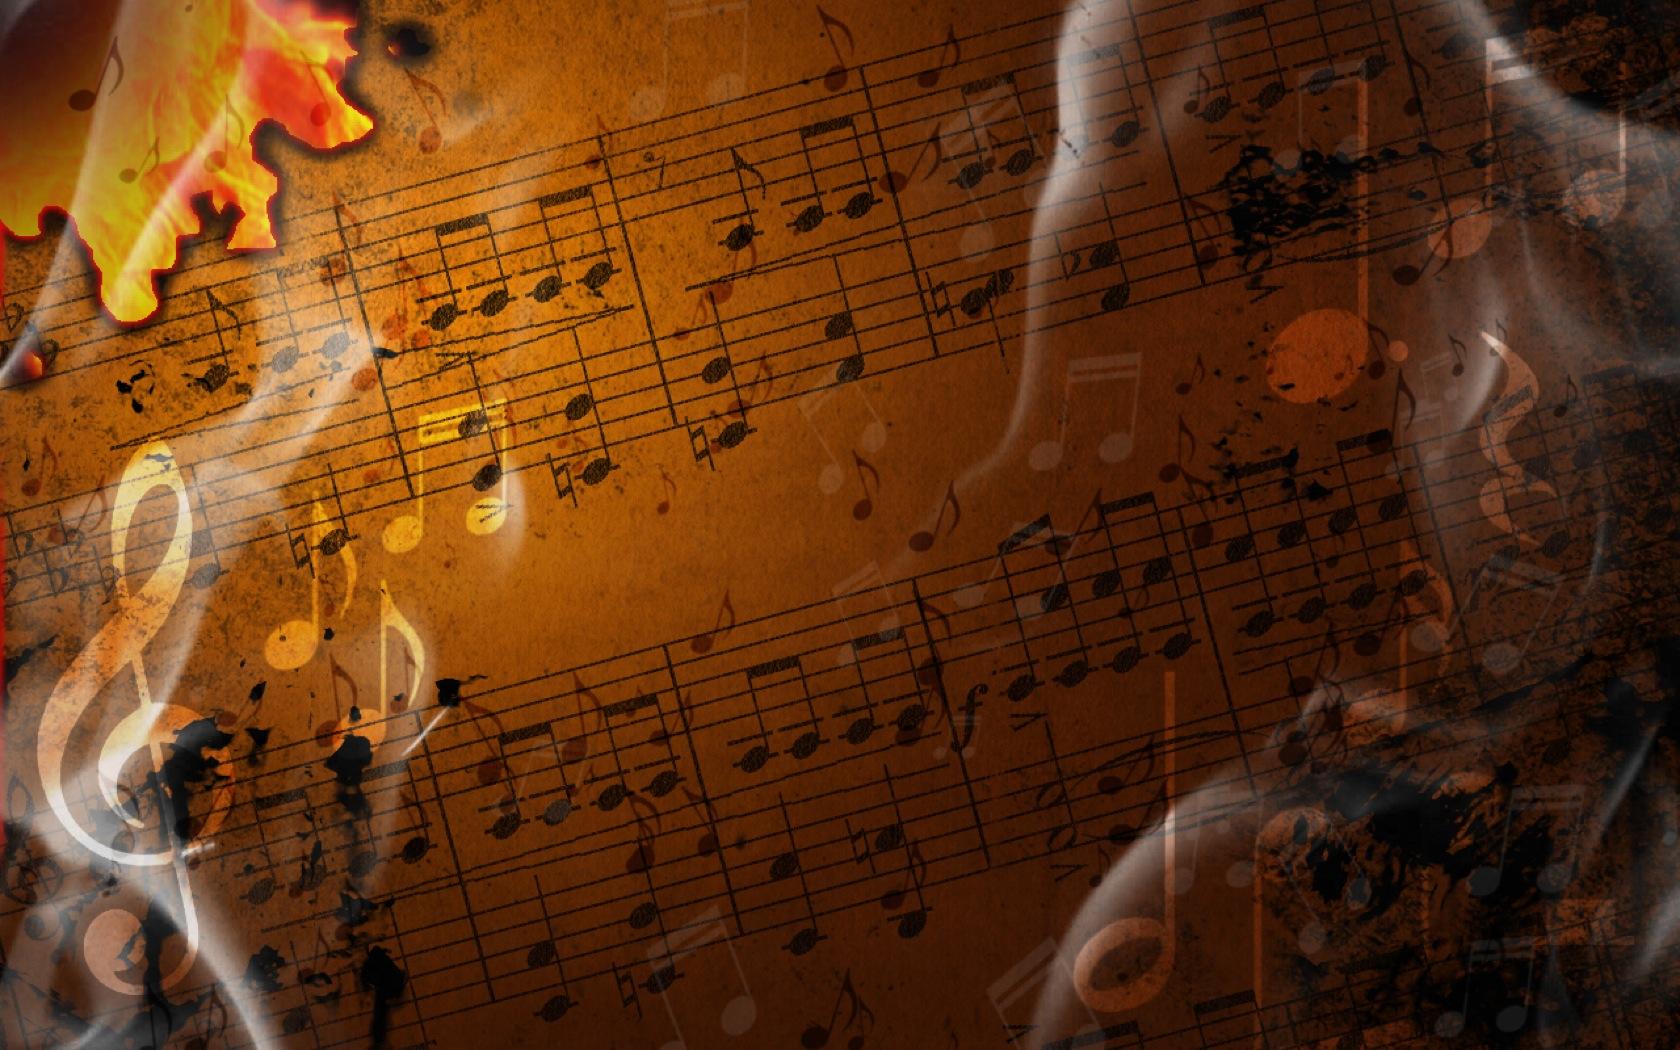 notas-de-canciones-380257